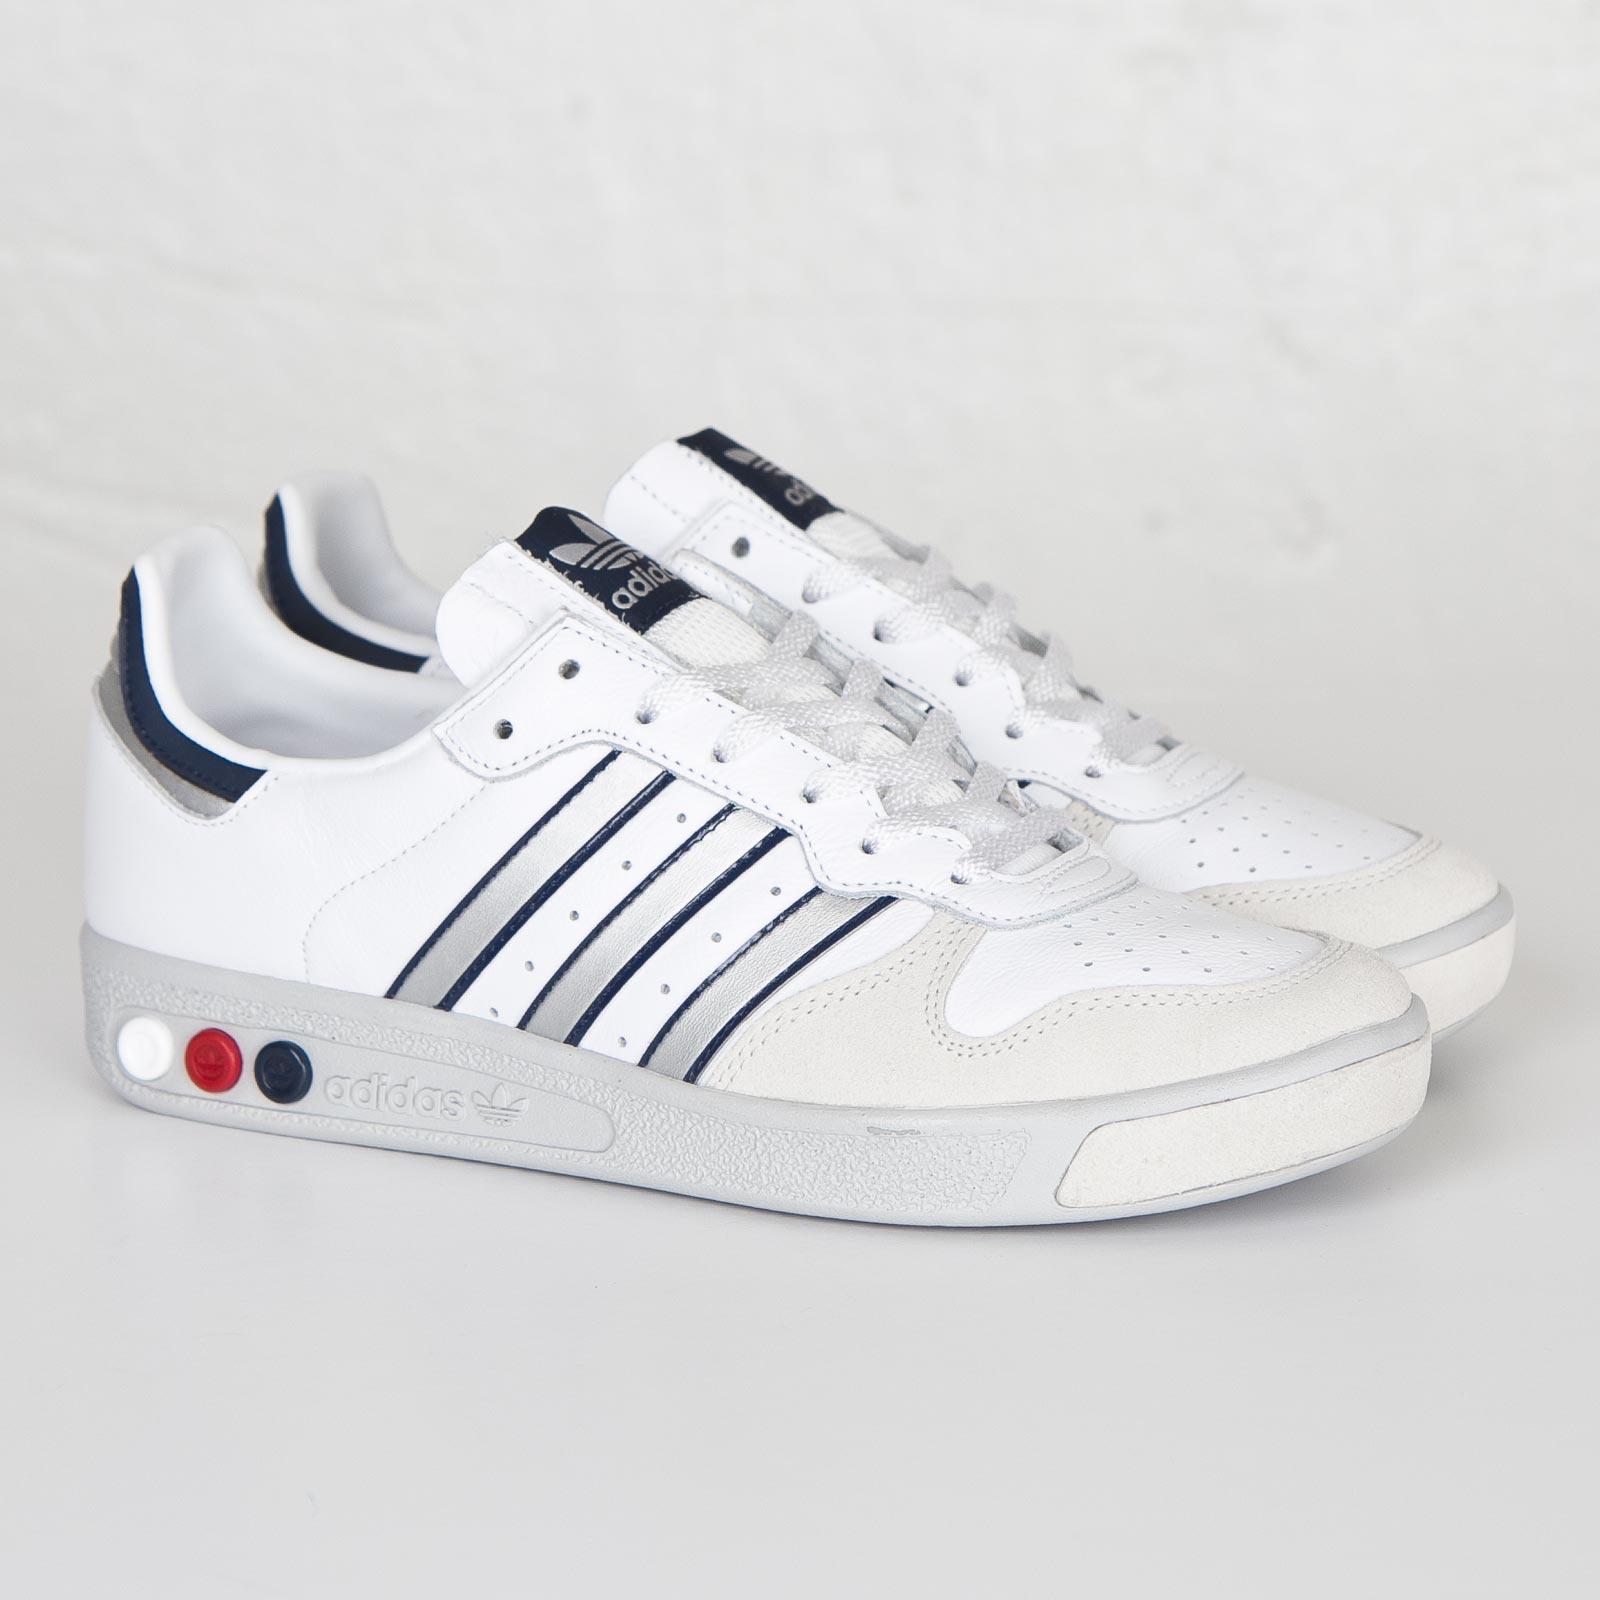 wholesale dealer 46b3e 8e4de adidas G.S. - S82816 - Sneakersnstuff  sneakers  streetwear